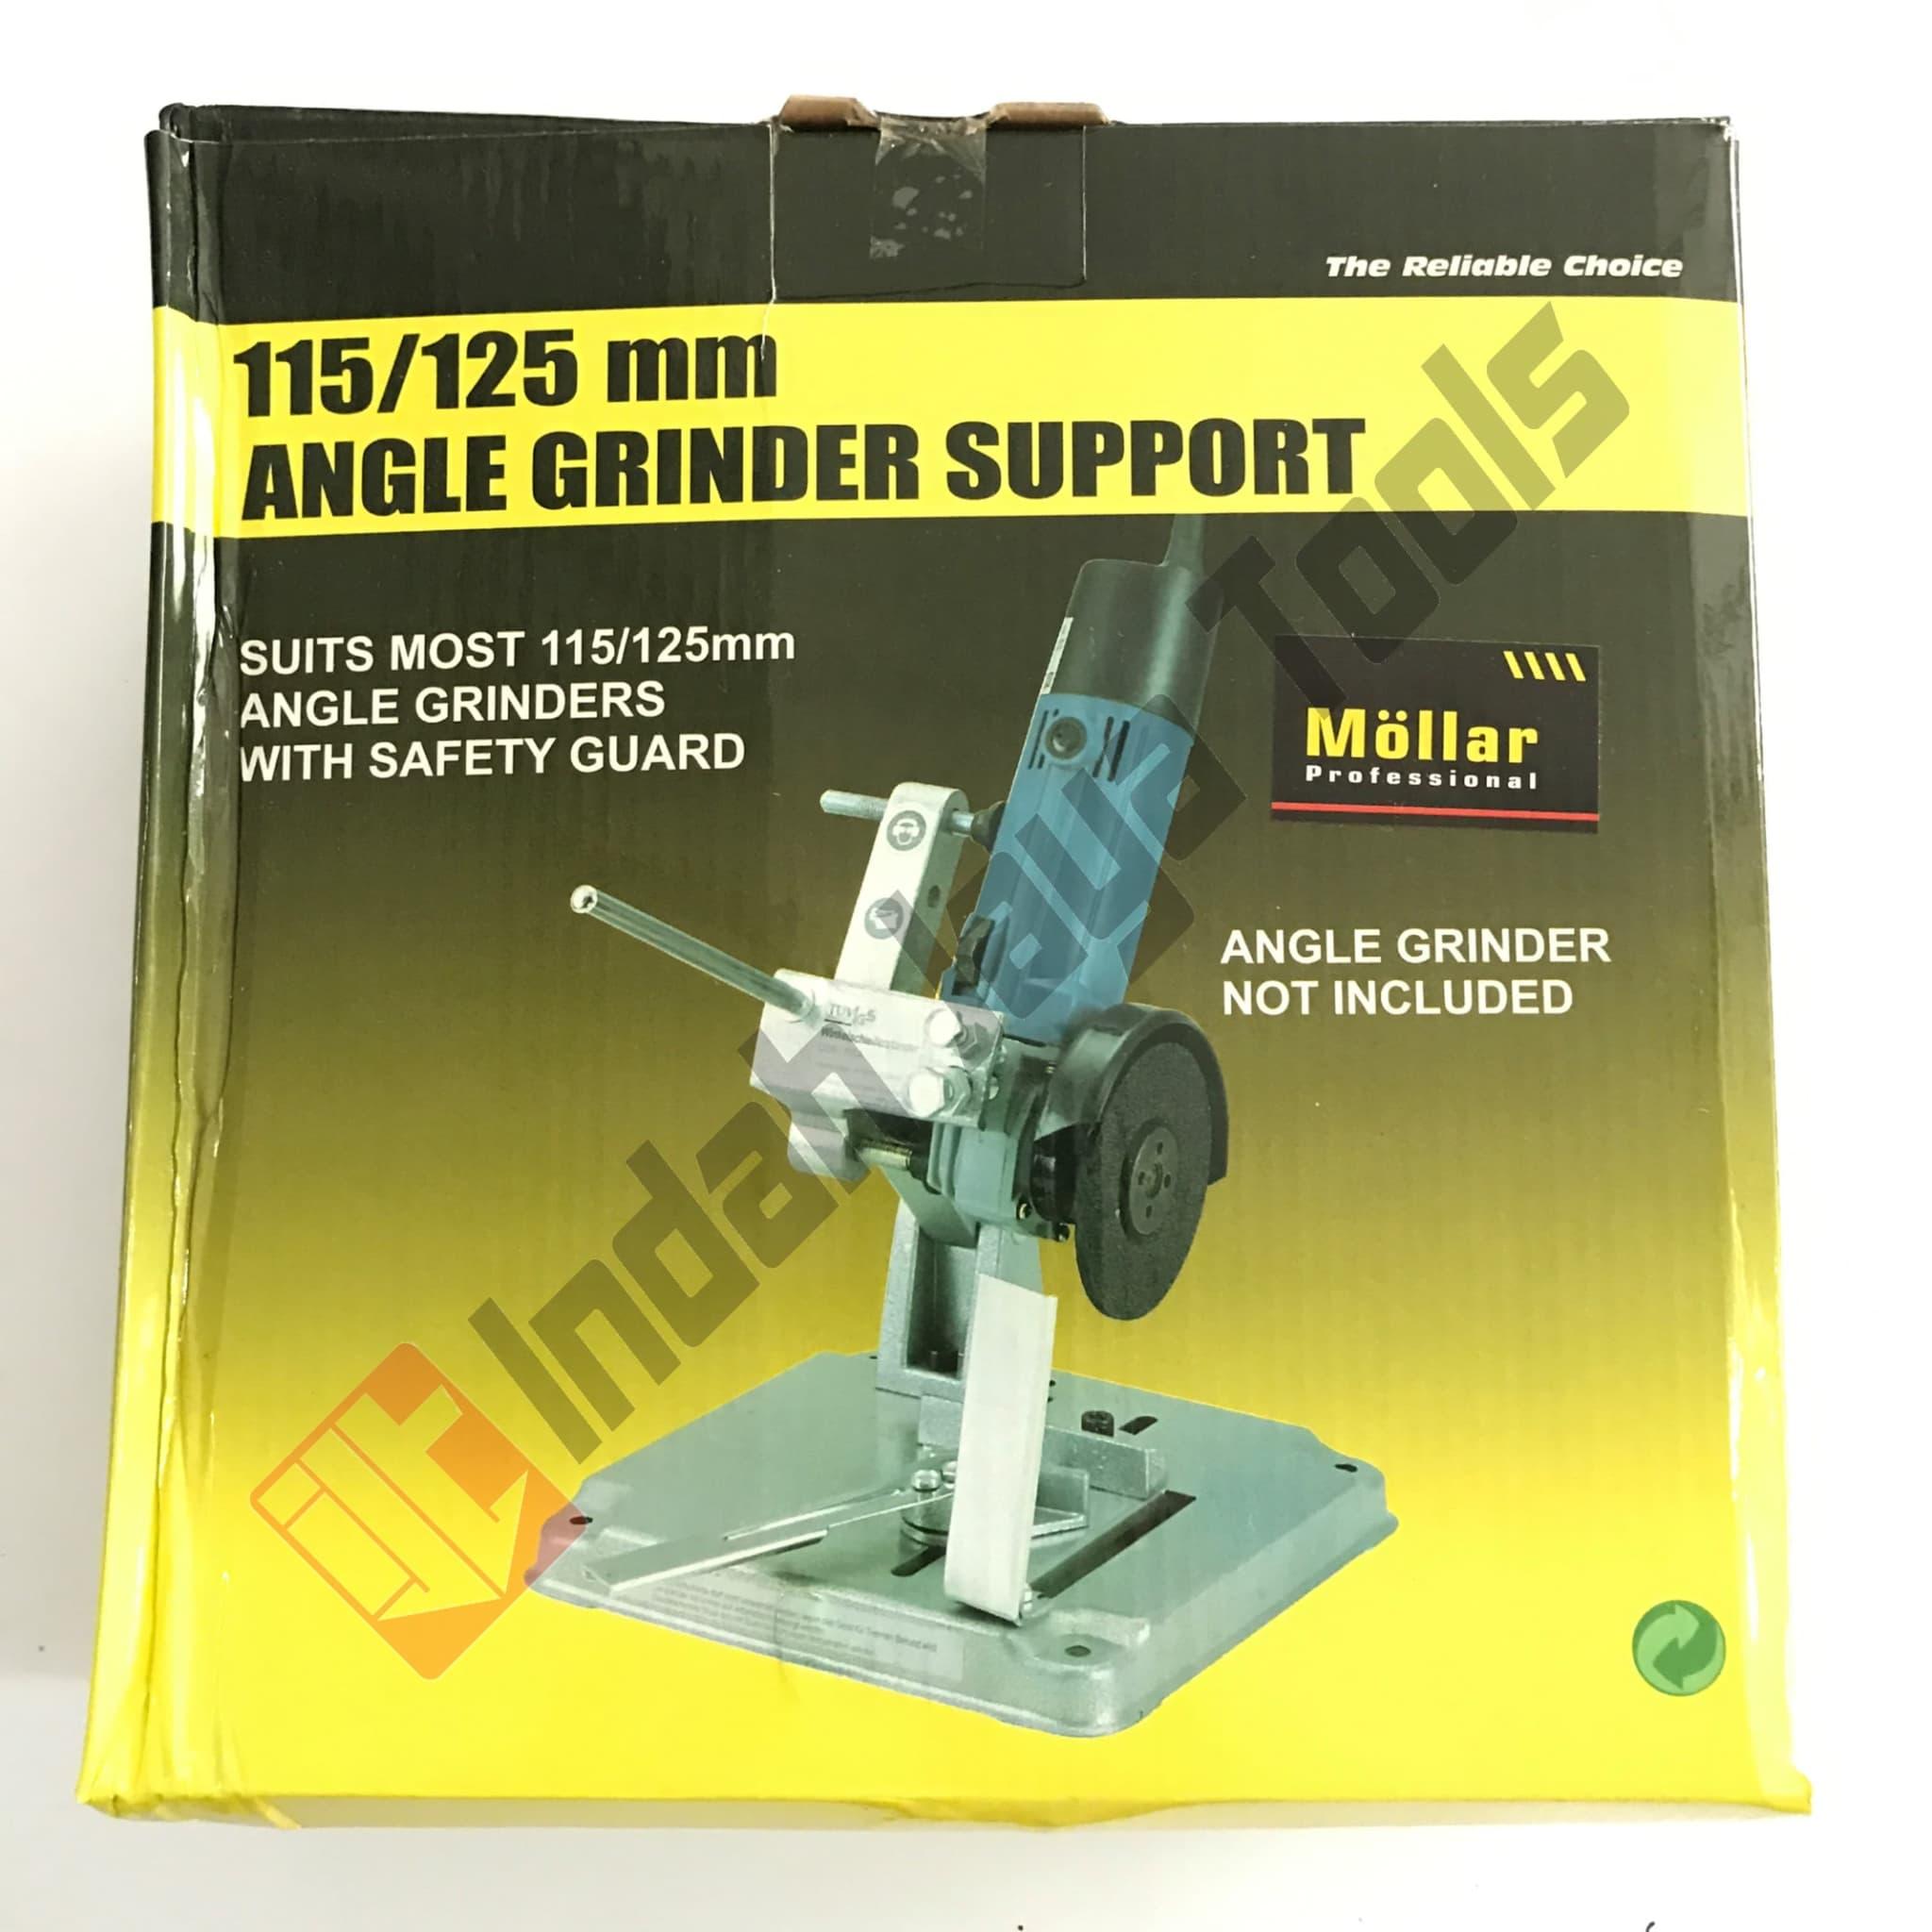 Jual Dudukan Mesin Gerinda Tangan Mollar Angle Grinder Support Bkn Prohex Indah Jaya Tools Tokopedia